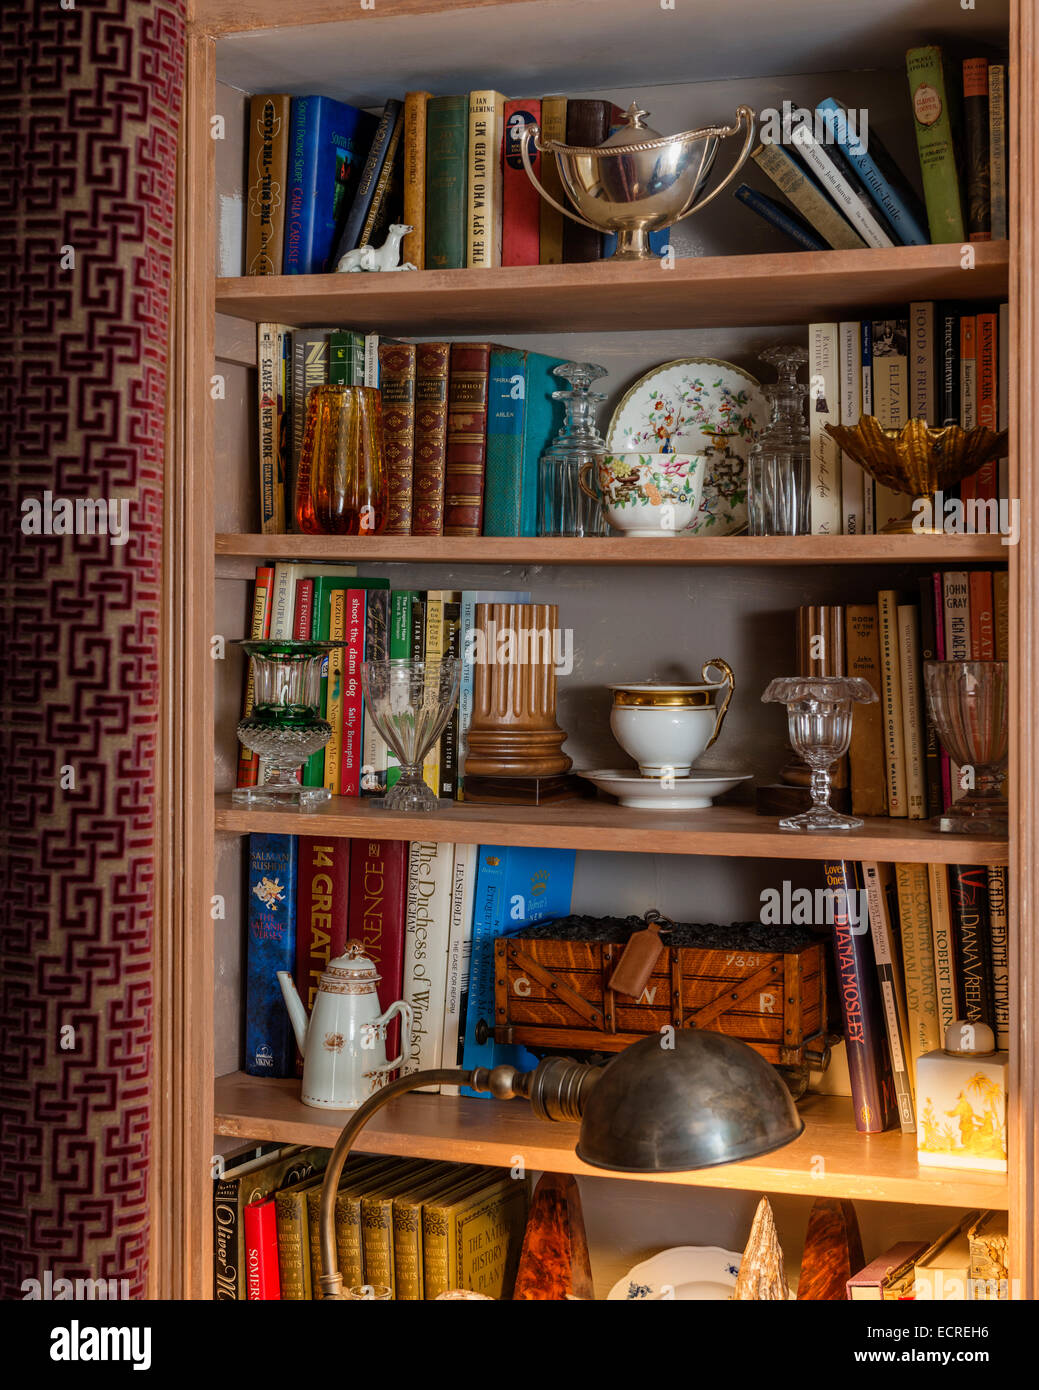 Verschiedene Bücher, Gläser und Besteck auf offenen hölzernen Regalen Stockbild